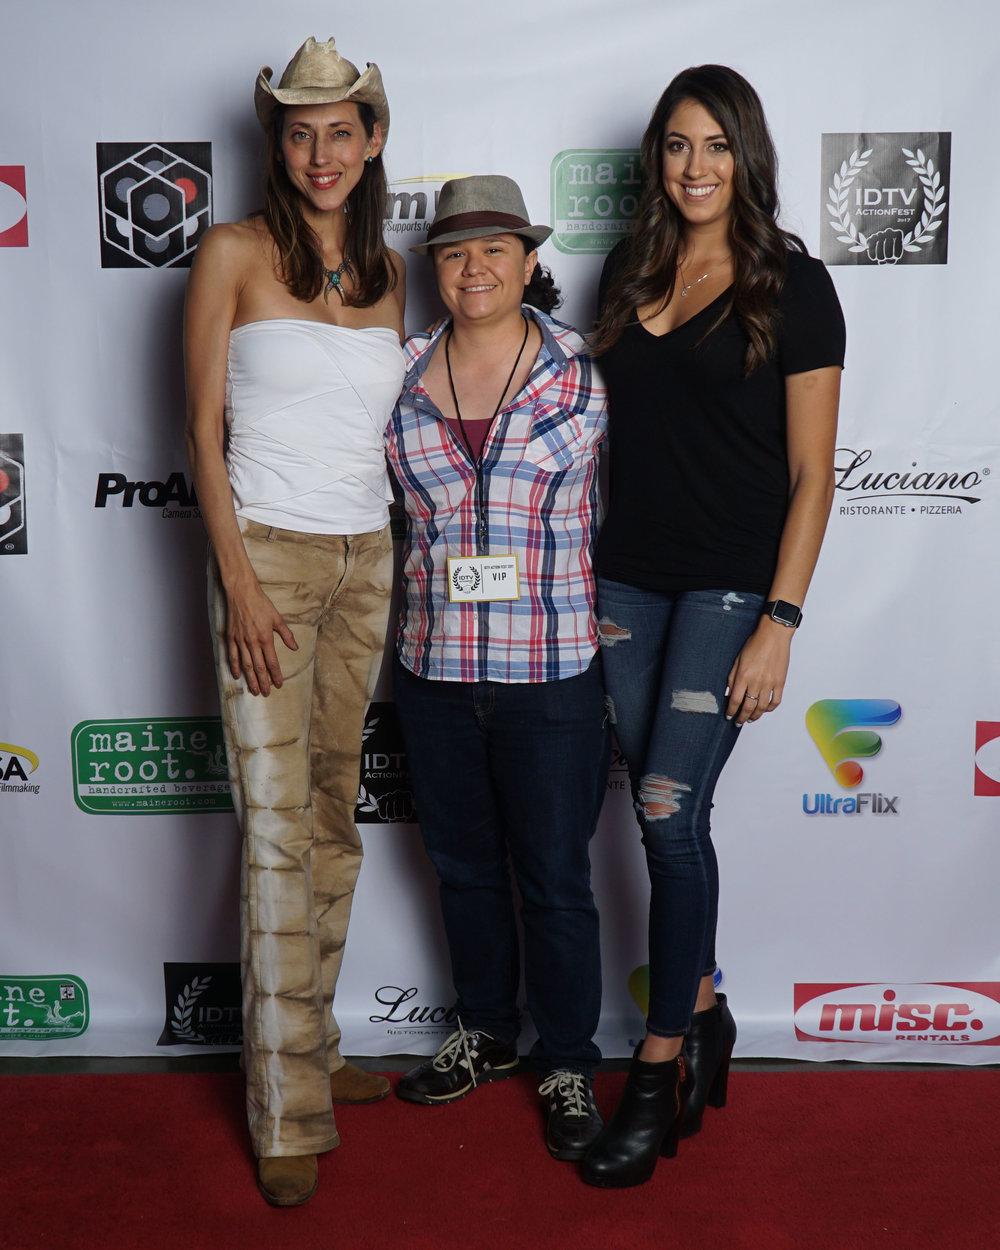 Patricia Vonne, Caitlin Dechelle, and guest